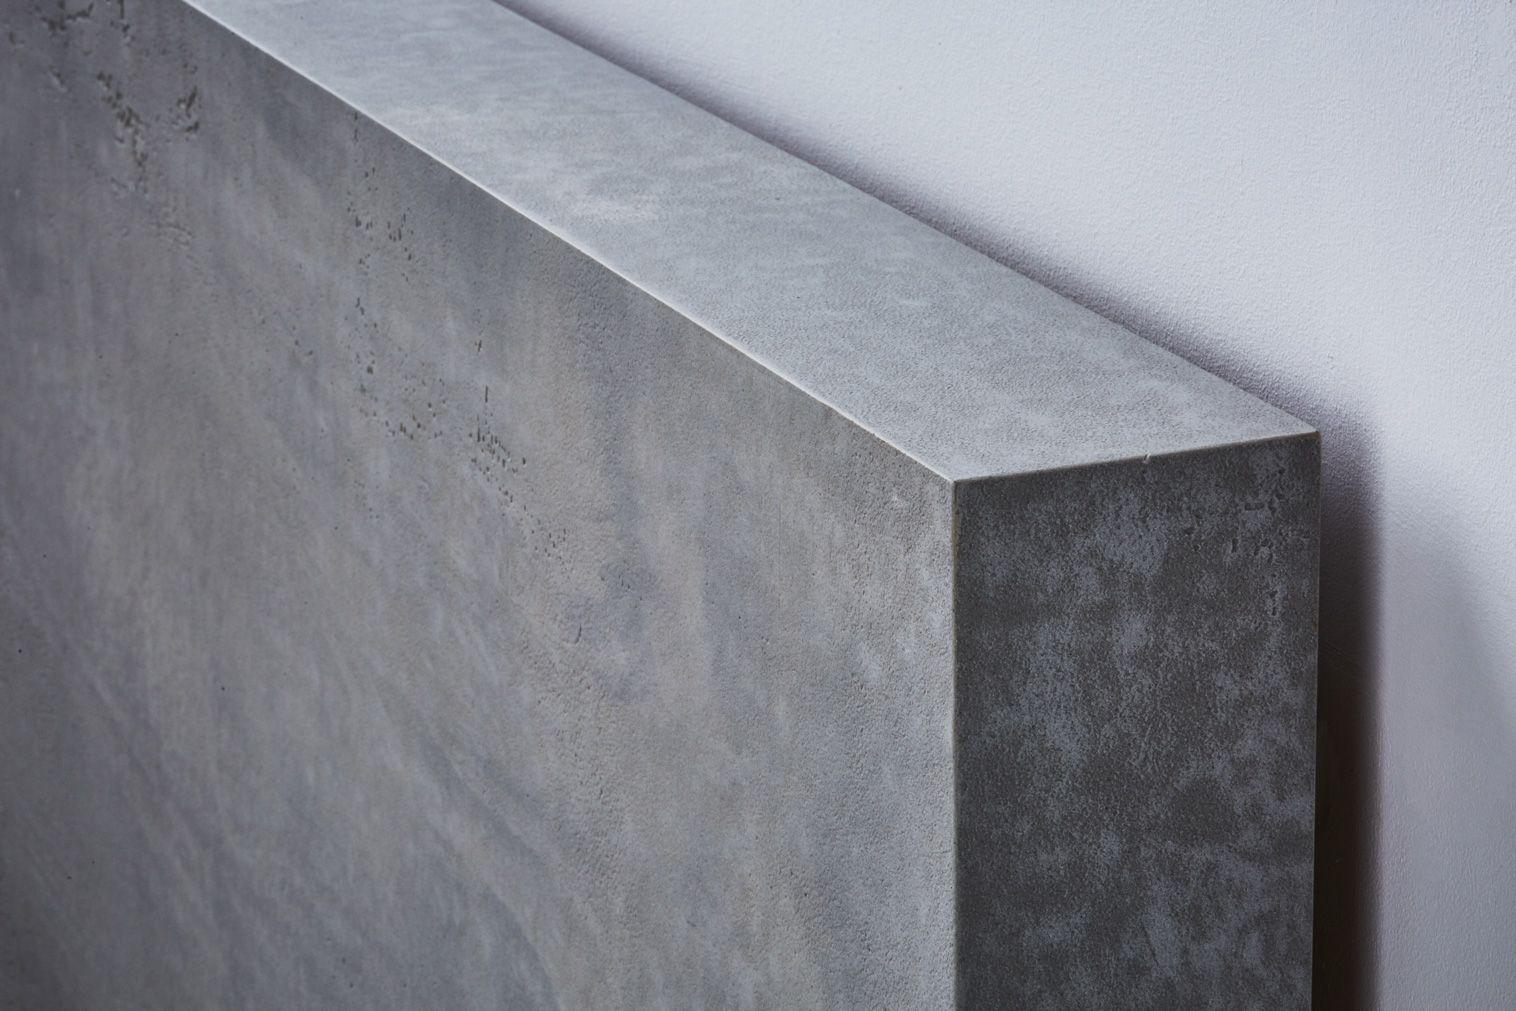 Concrete finish radiator